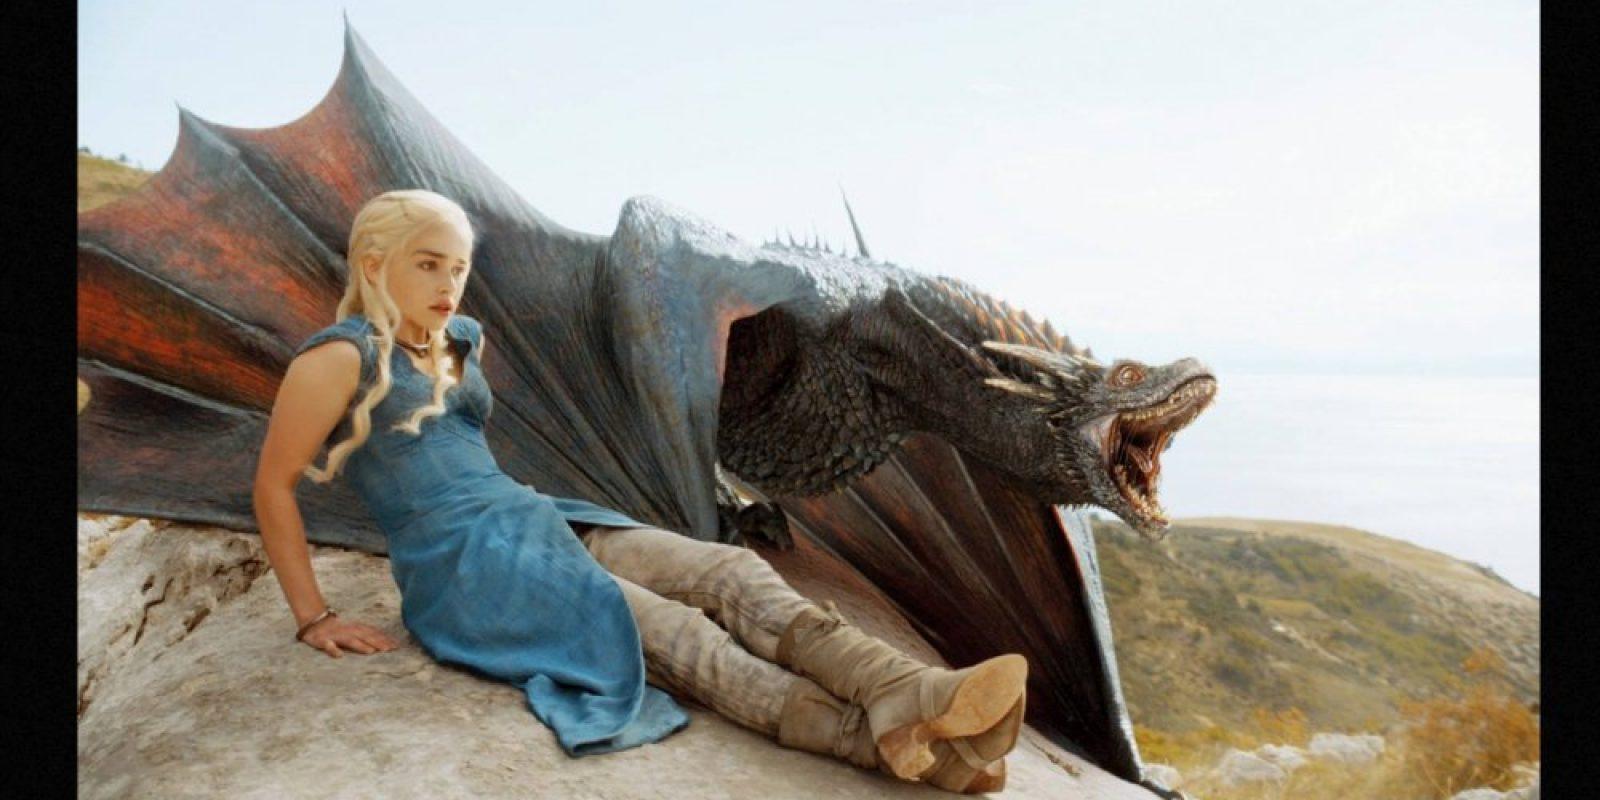 . Imagen Por: Facebook/Games of Thrones